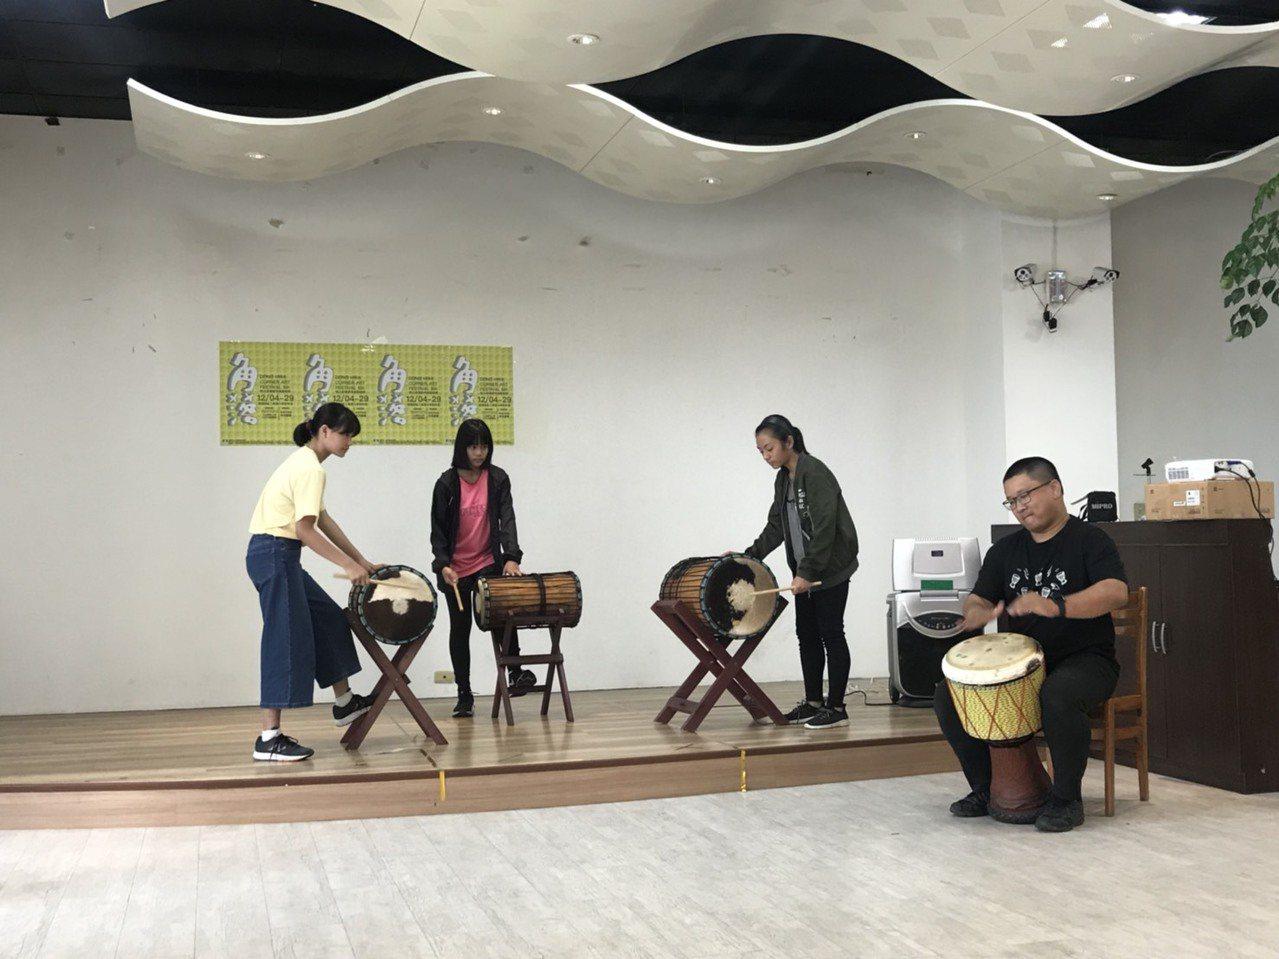 東華角落藝術節今天開幕,開幕式上,手鼓社的手鼓表演,由創辦人劉宇哲帶領3位國小學...